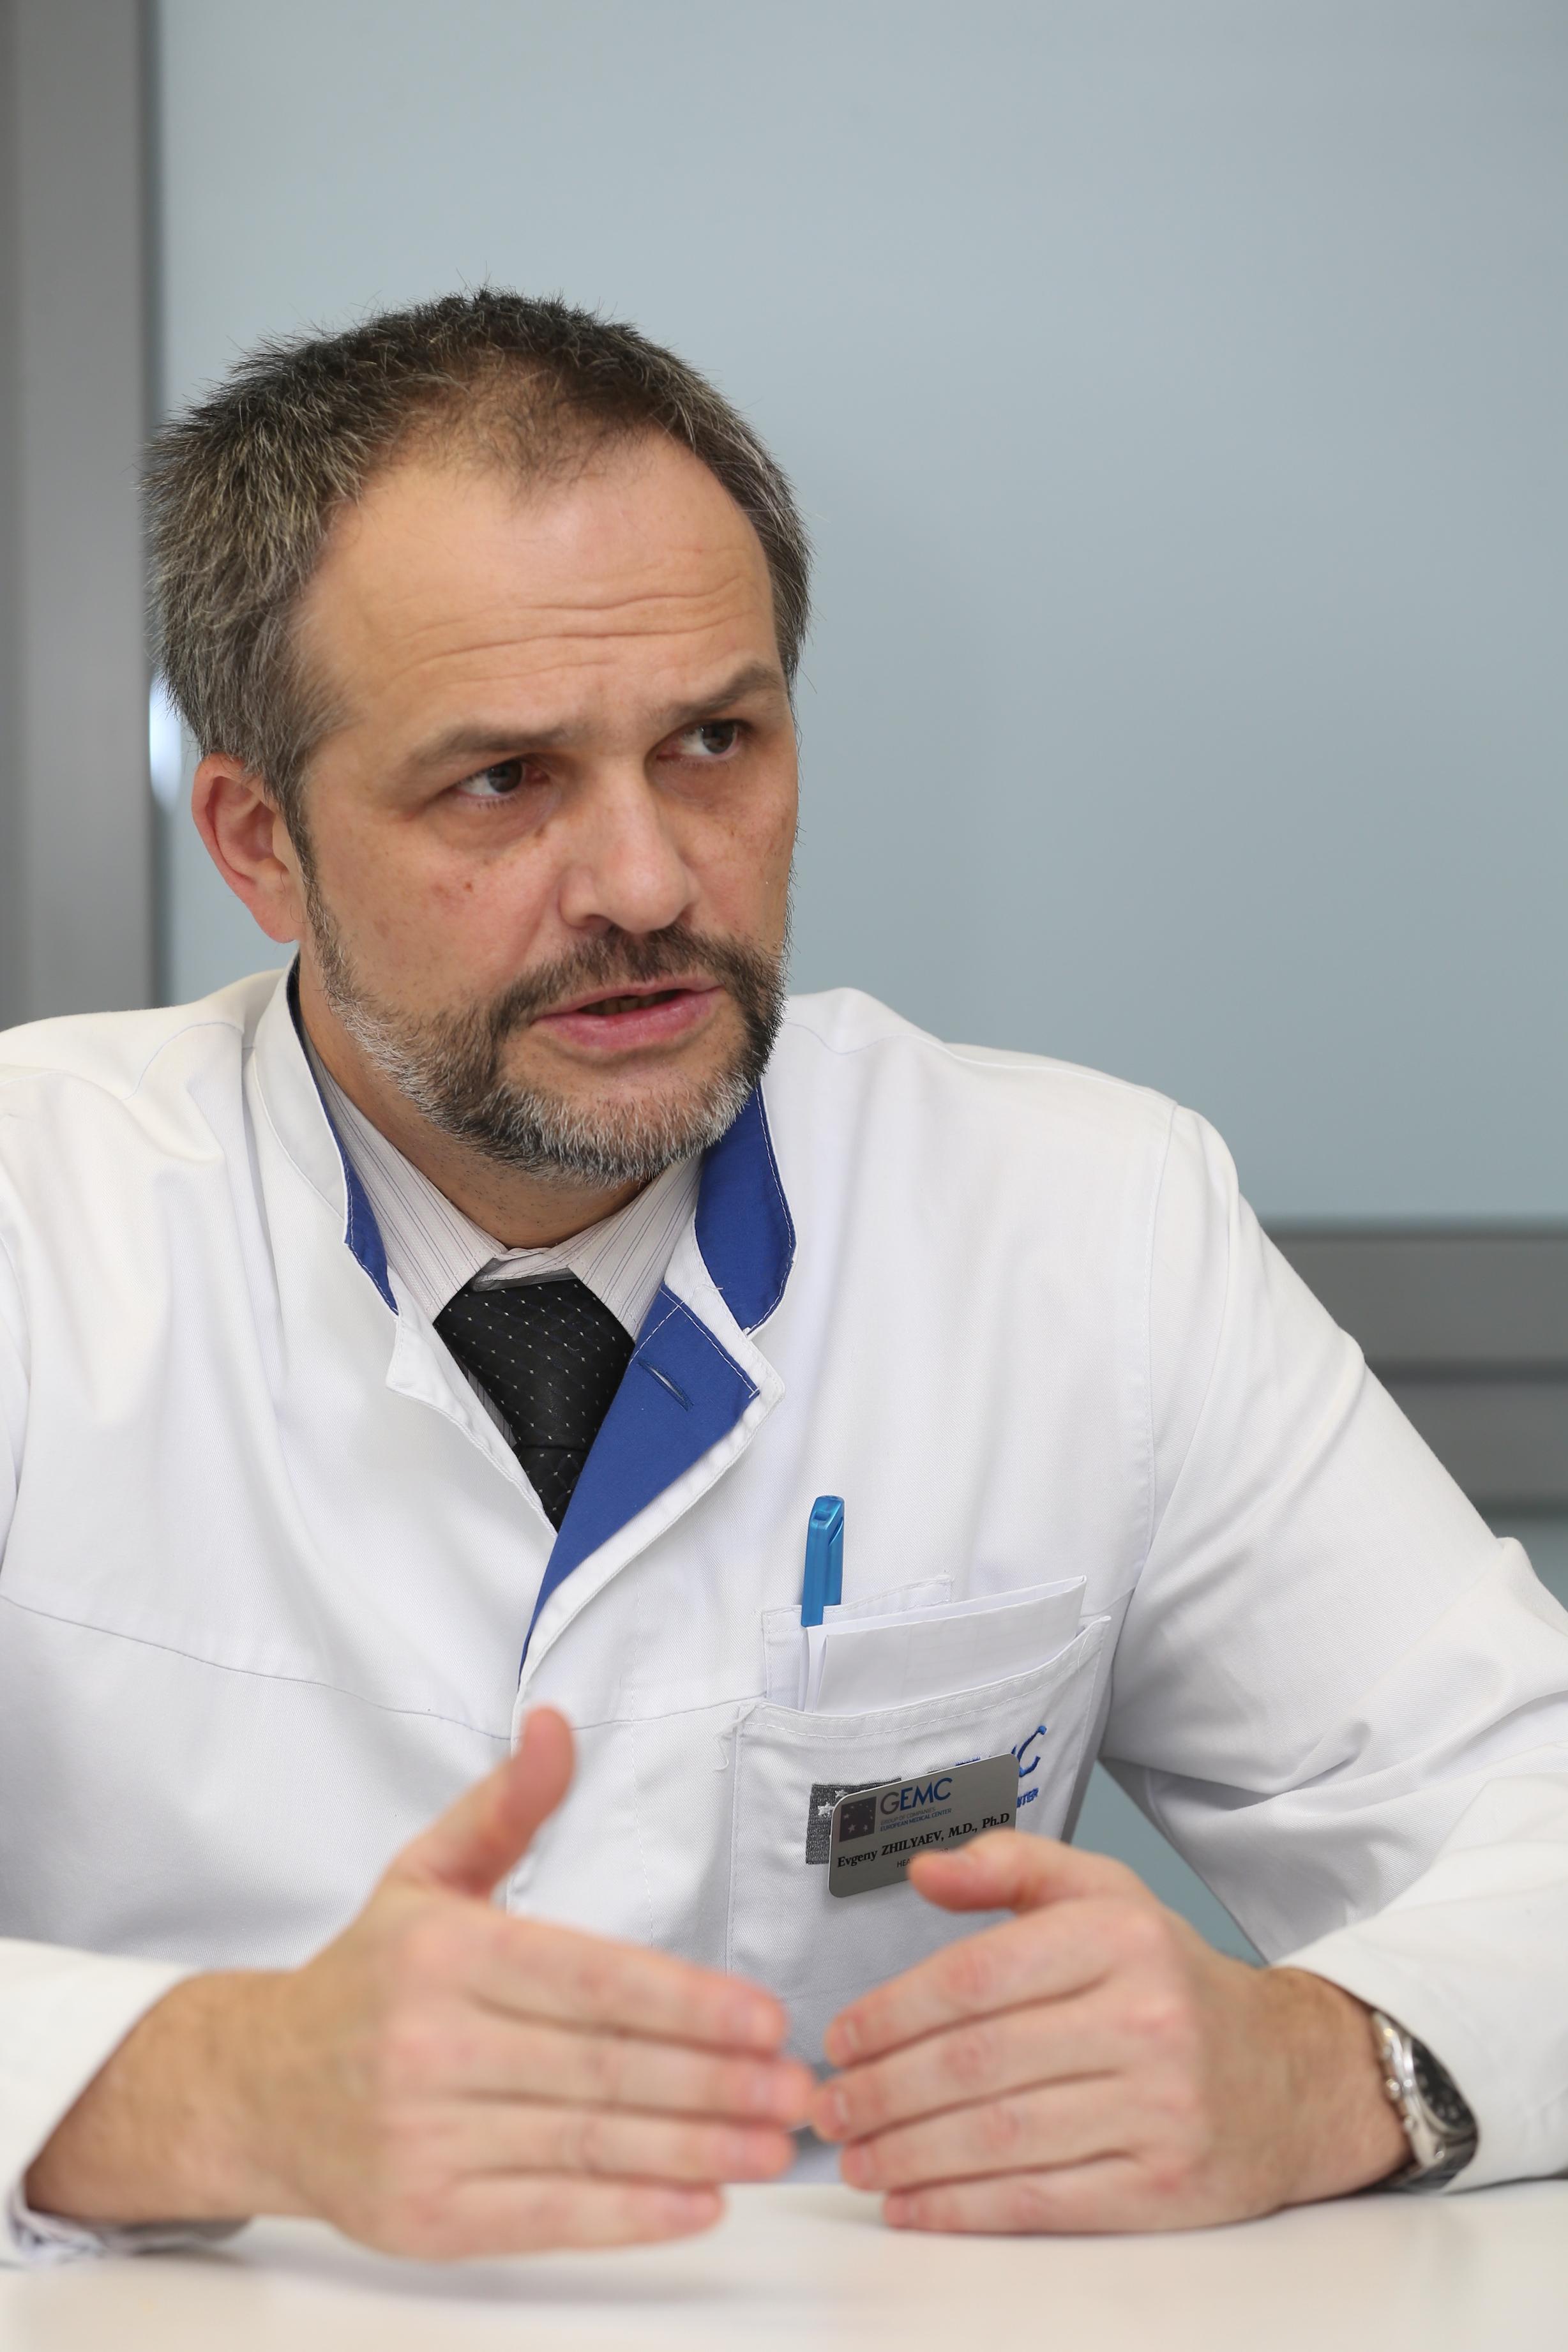 Евгений Жиляев, главный врач ЕМС, главный ревматолог Москвы, профессор, доктор медицинских наук, врач высшей категории